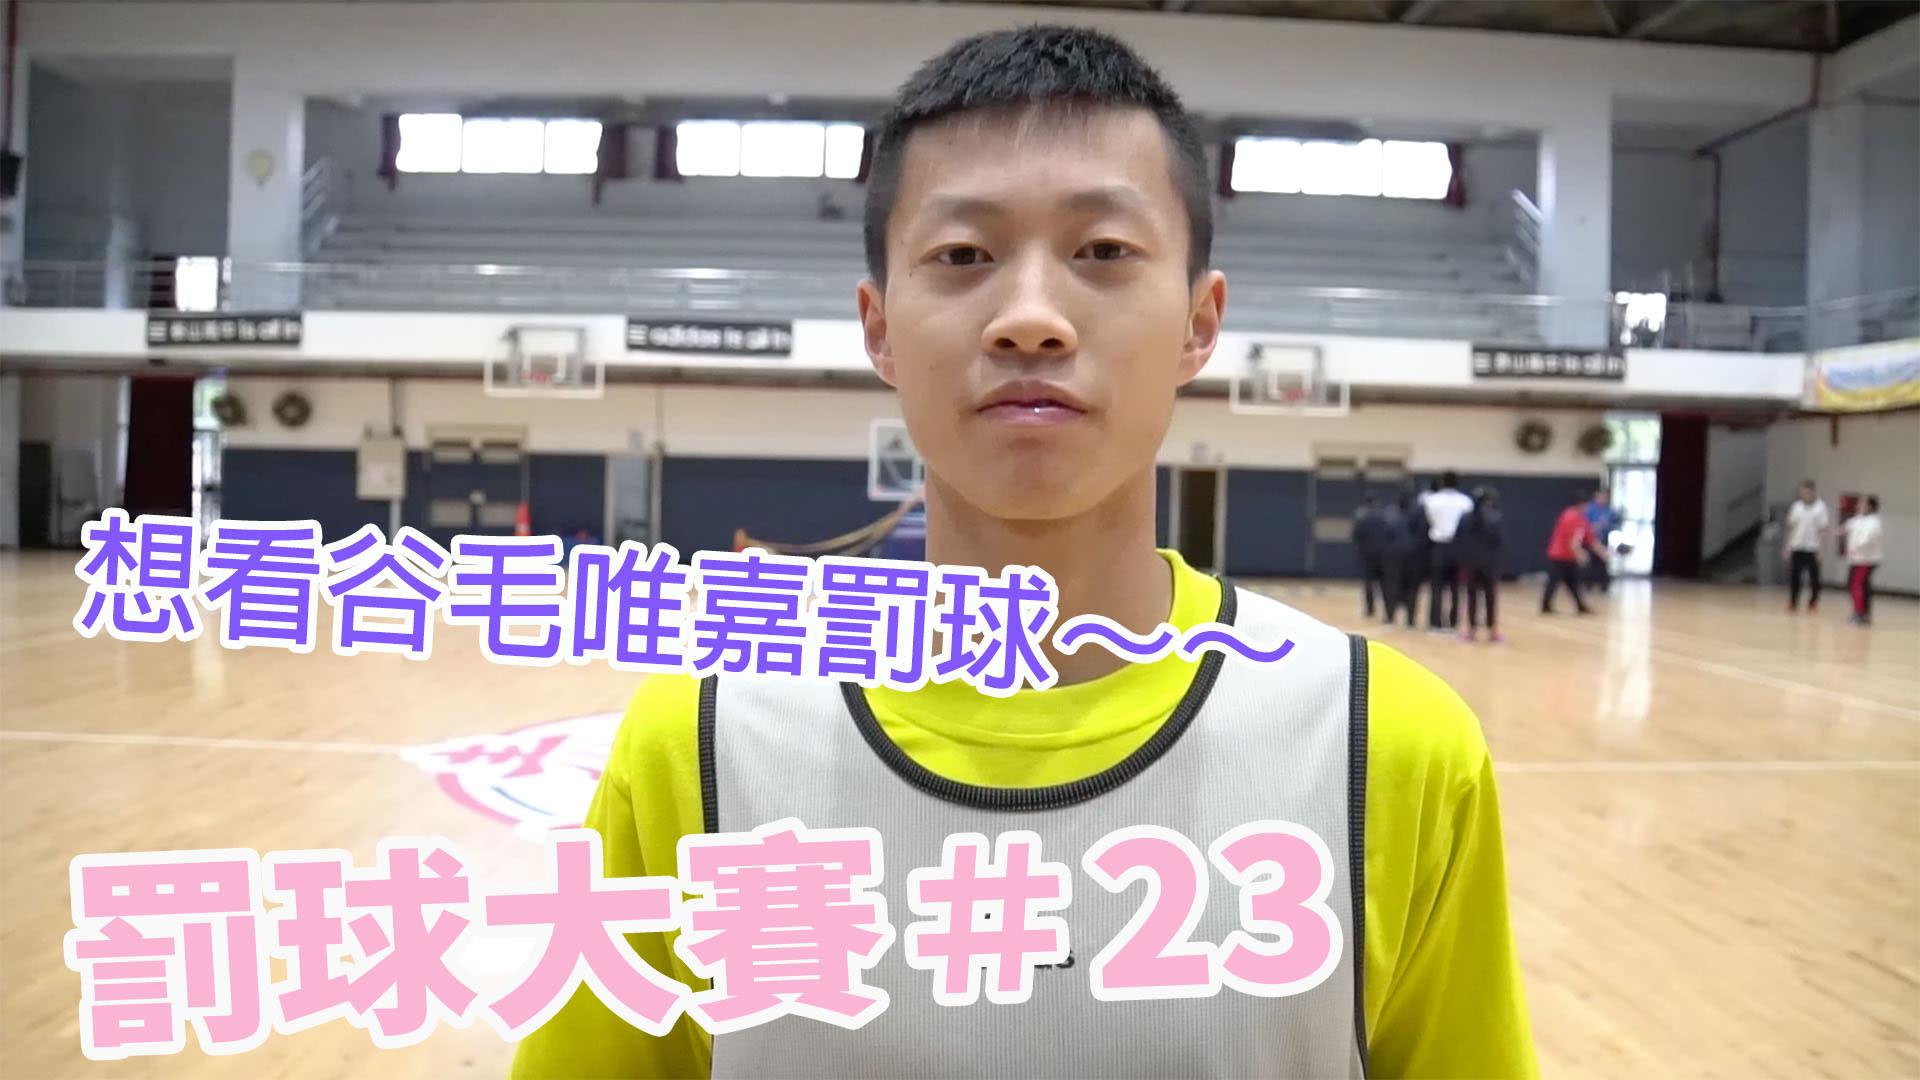 罰球大賽#23 泰山高中 李威廷